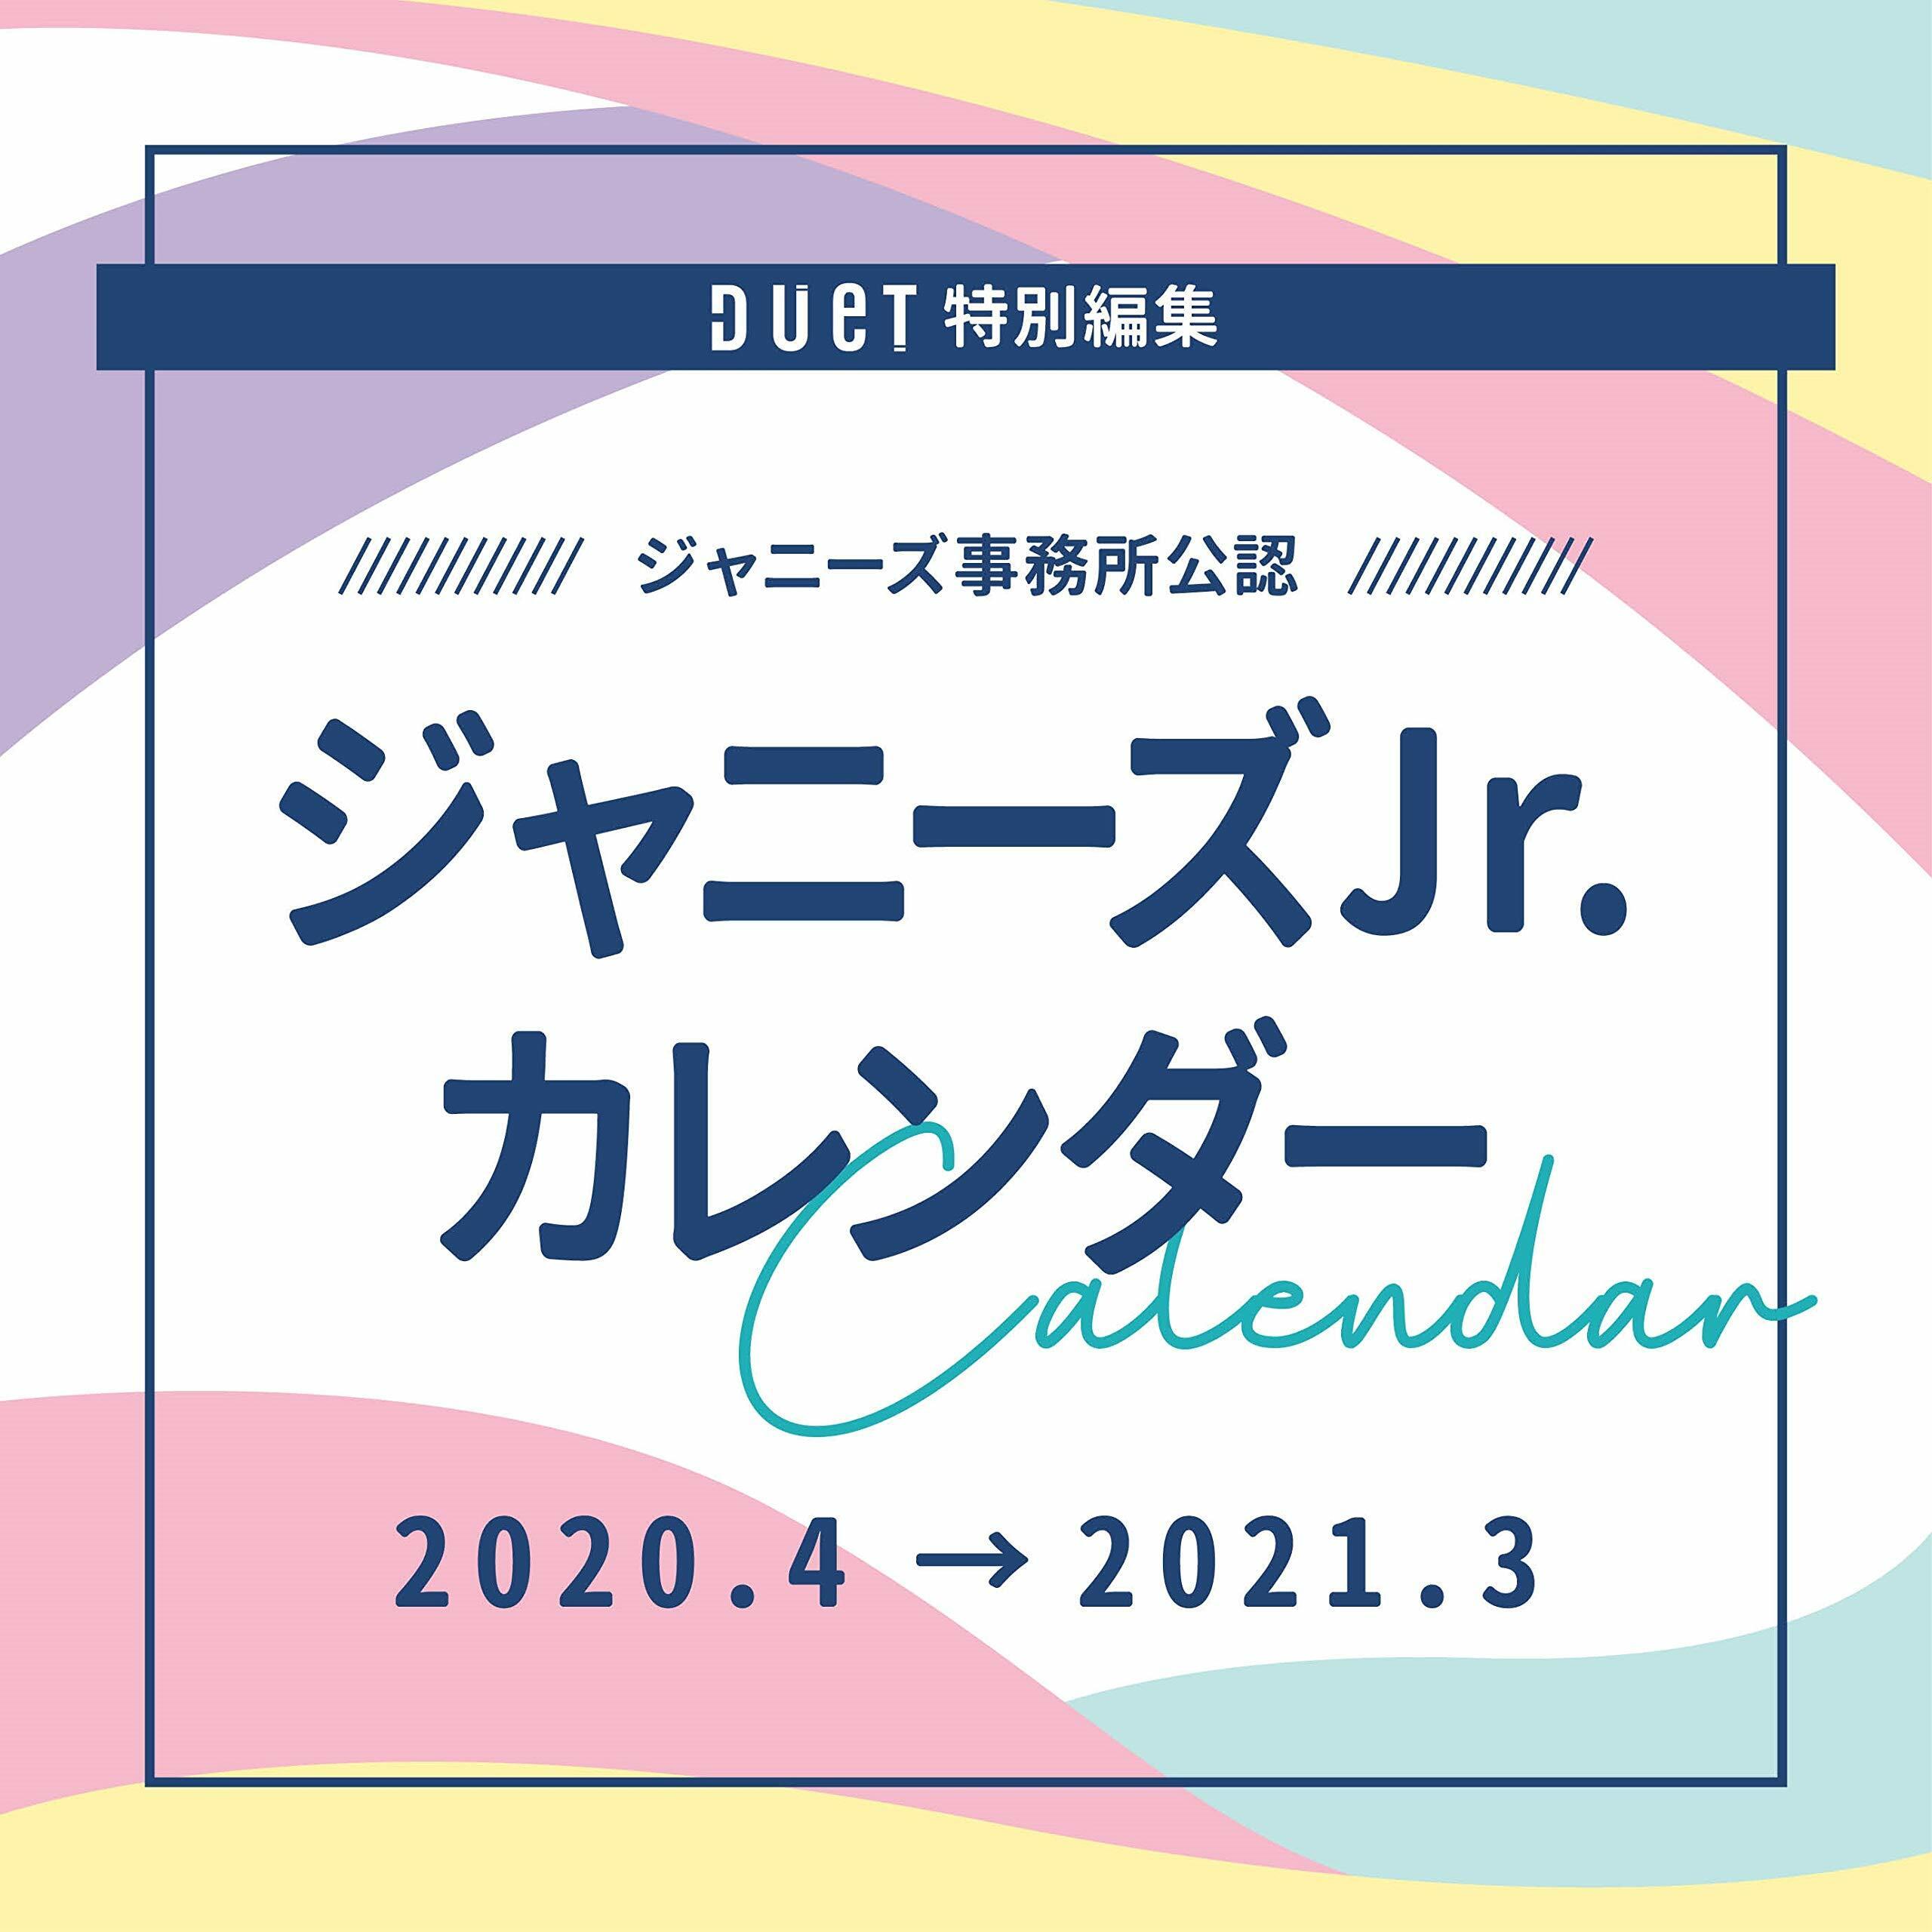 ジャニ-ズJr.カレンダ- 2020.4-2021.3 (ジャニ-ズ事務所公認)